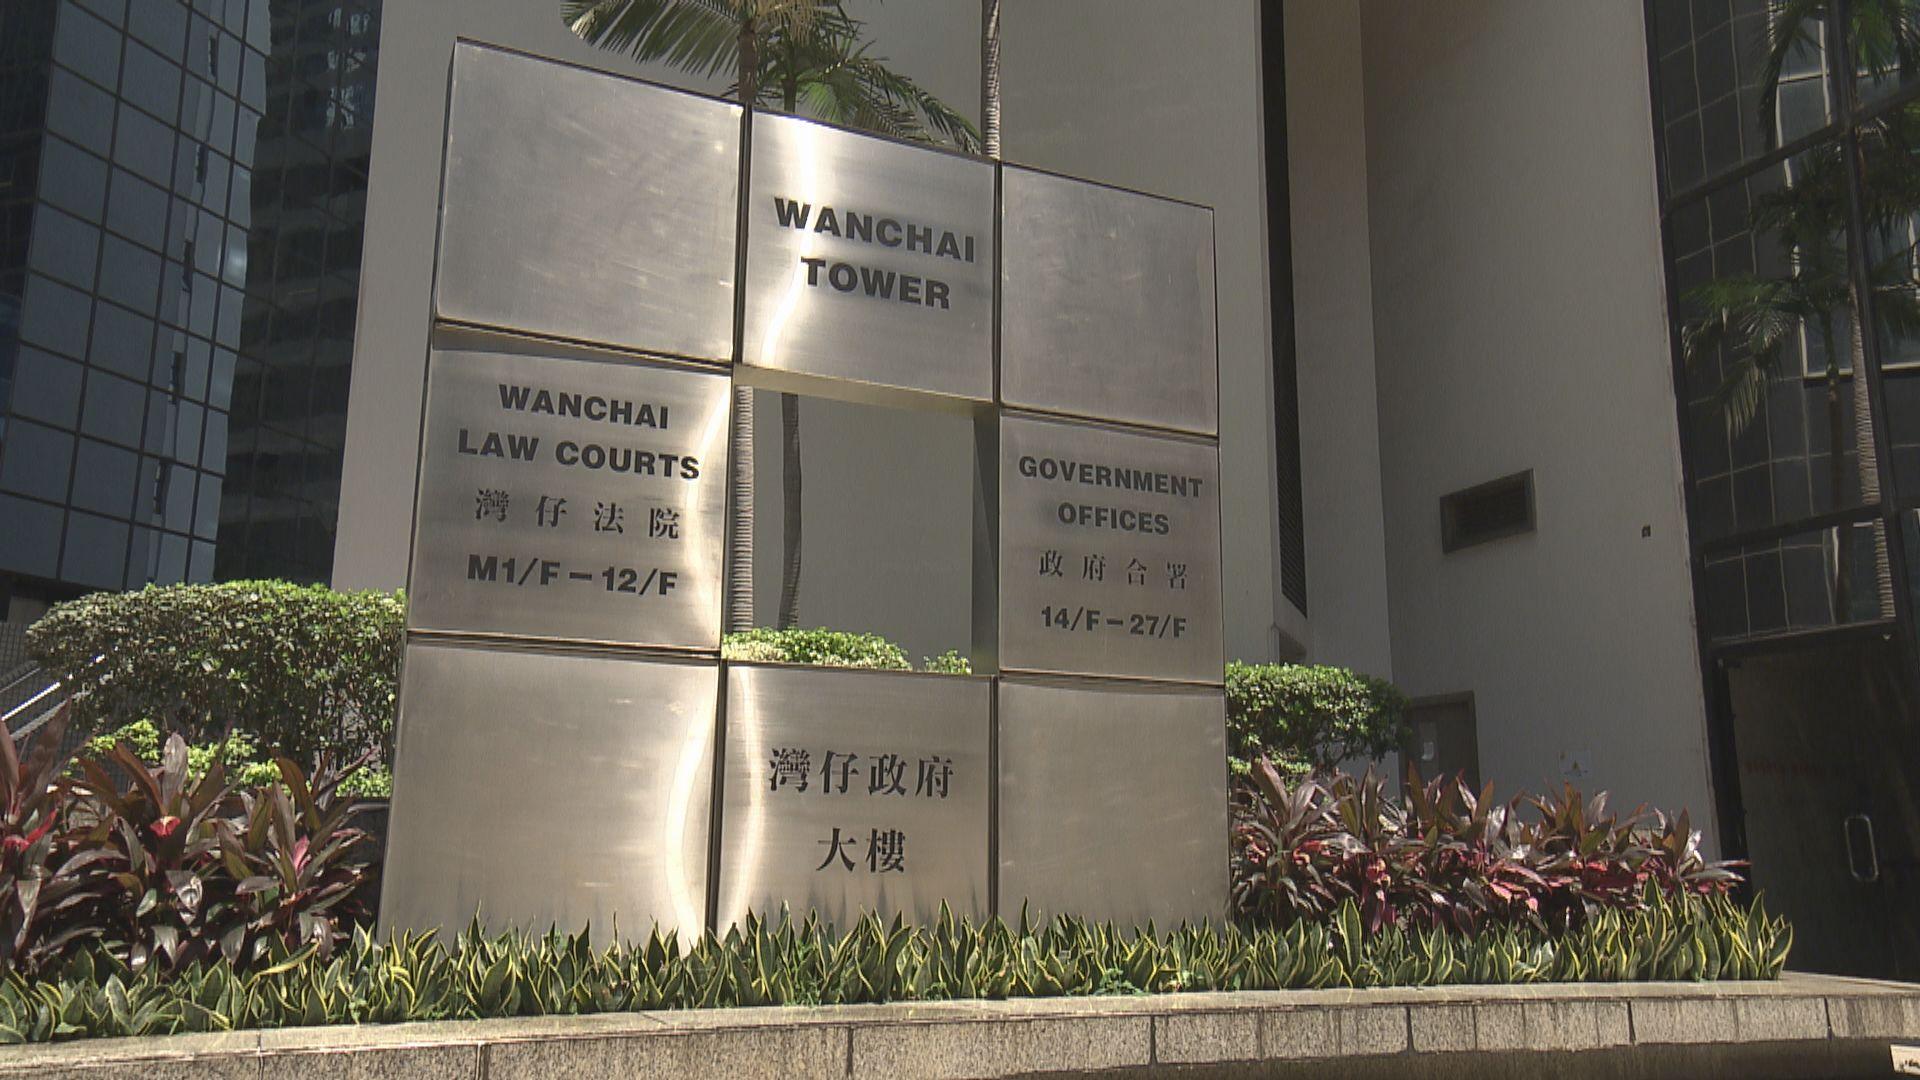 消息:法官胡雅文十一案判刑後收恐嚇電話 警方重案組跟進